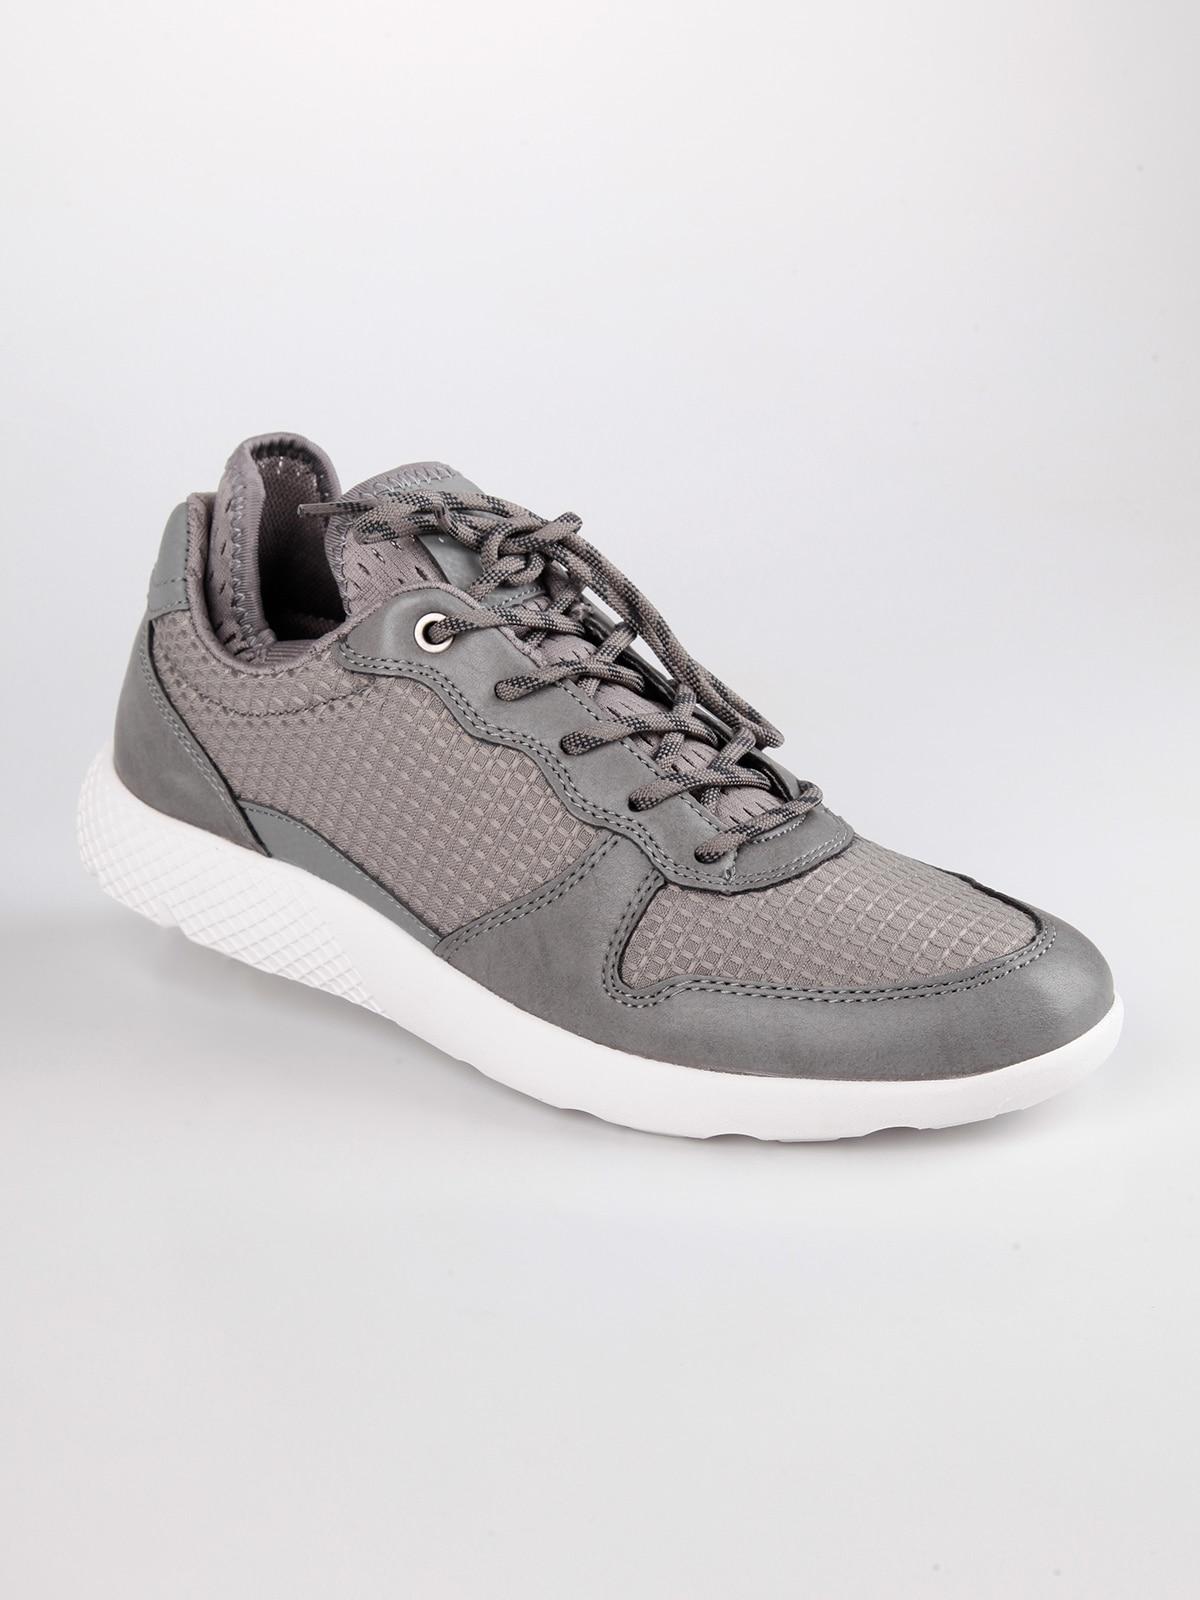 Chaussures de sport en tissu pour CLUB de GOLF américain